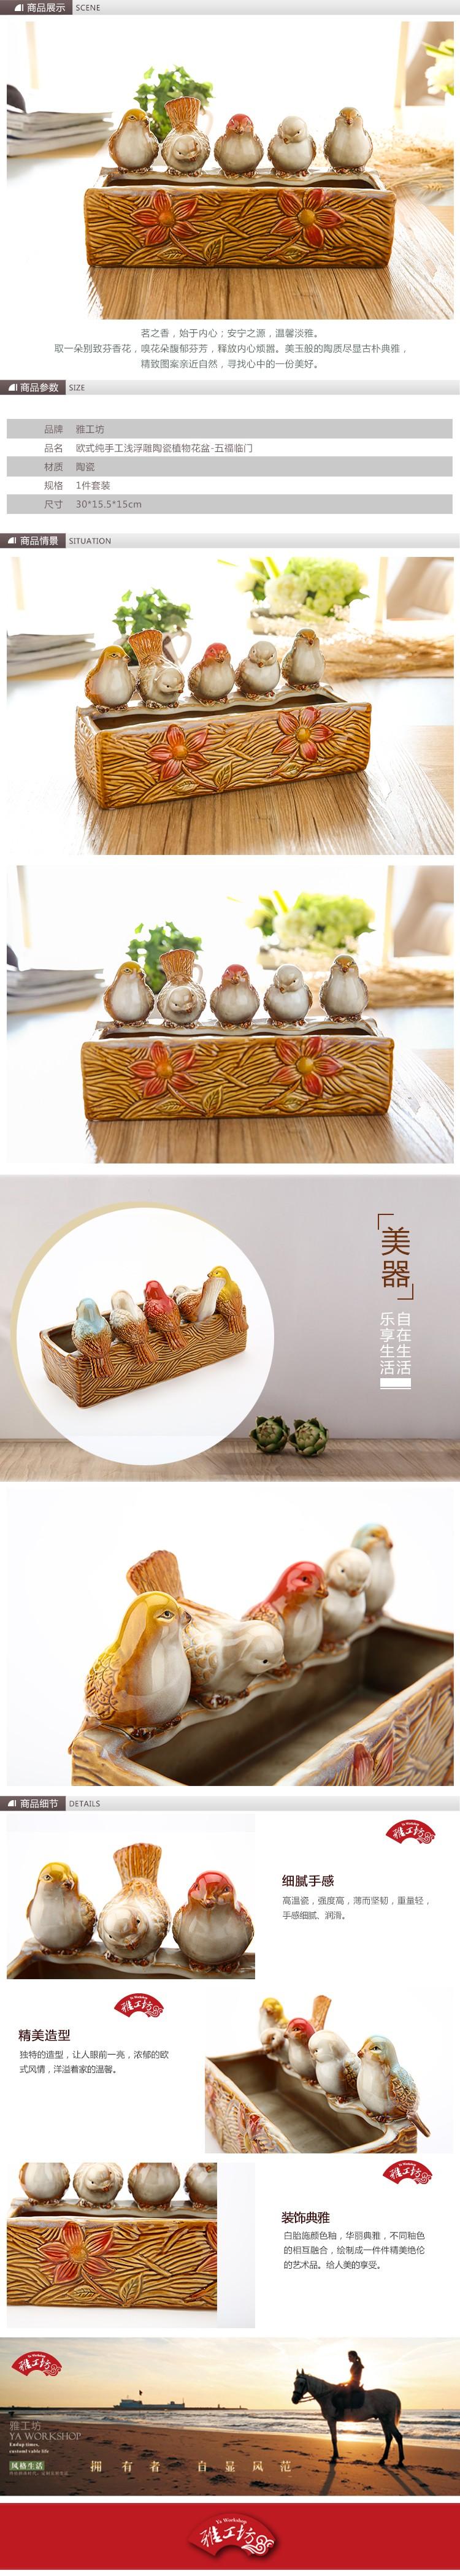 雅工坊欧式纯手工浅浮雕陶瓷植物花盆-五福临门